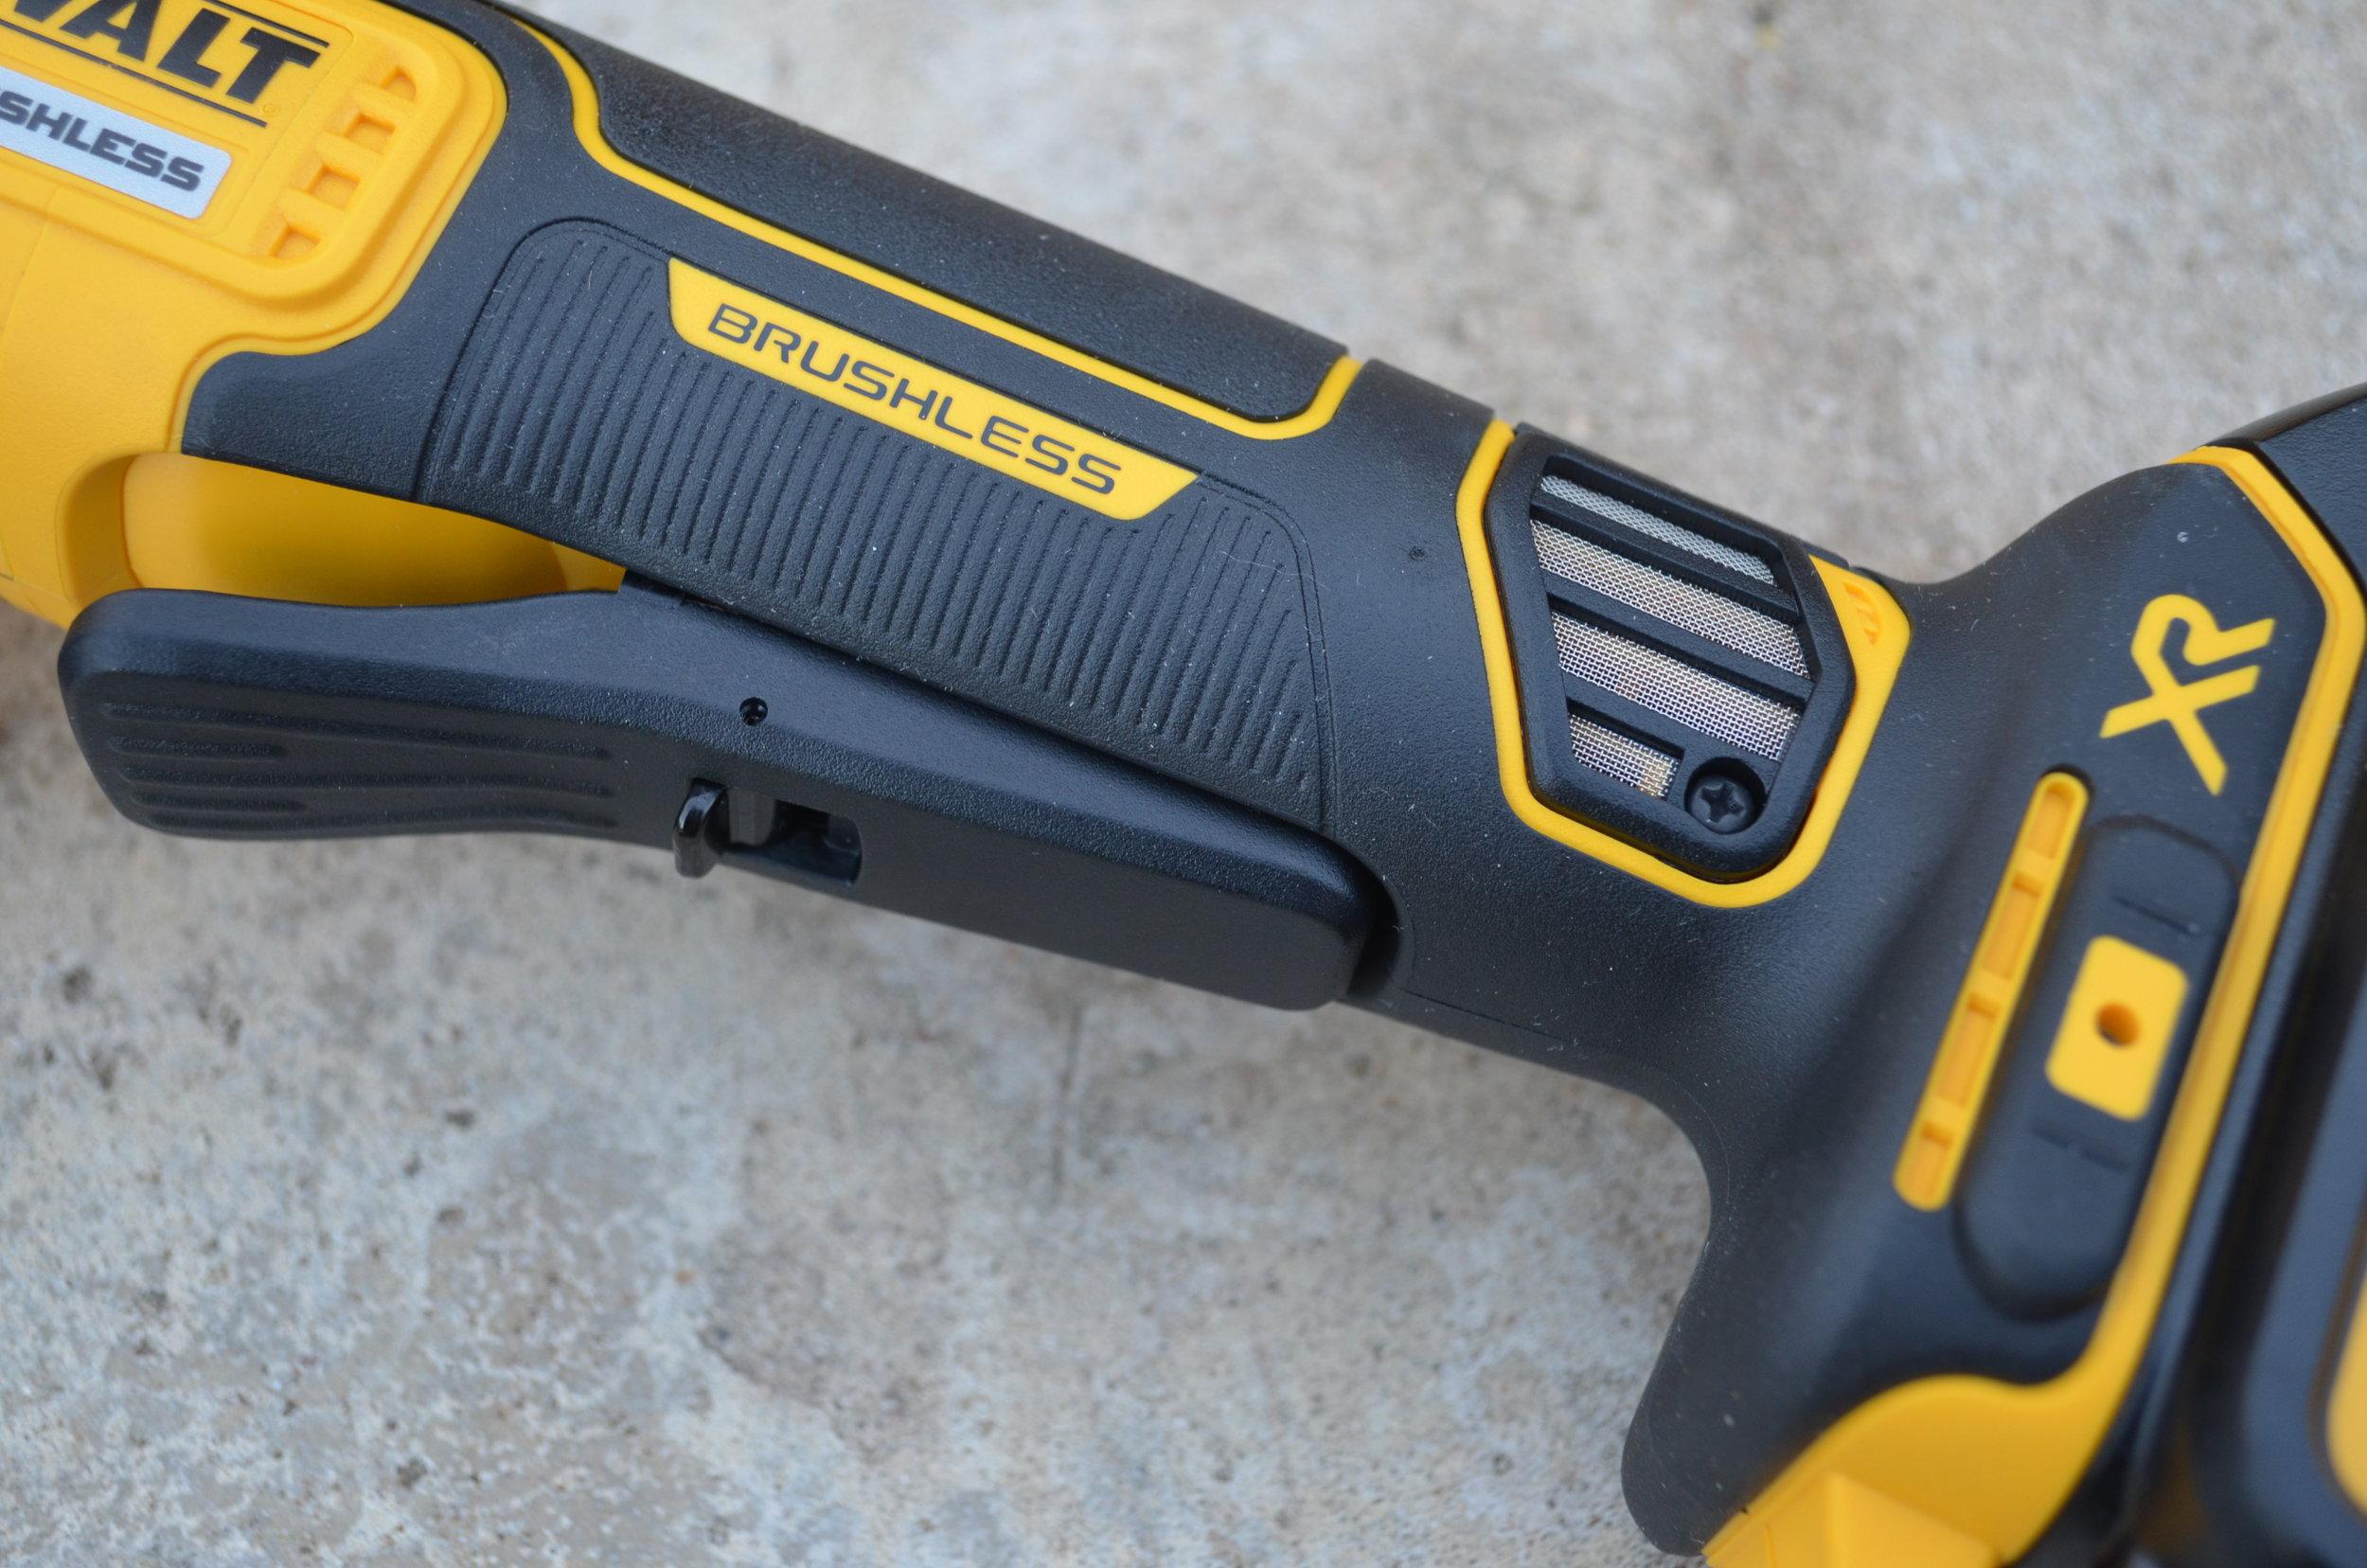 dewalt-xr-cordless-brushless-small-angle-grinder-trigger